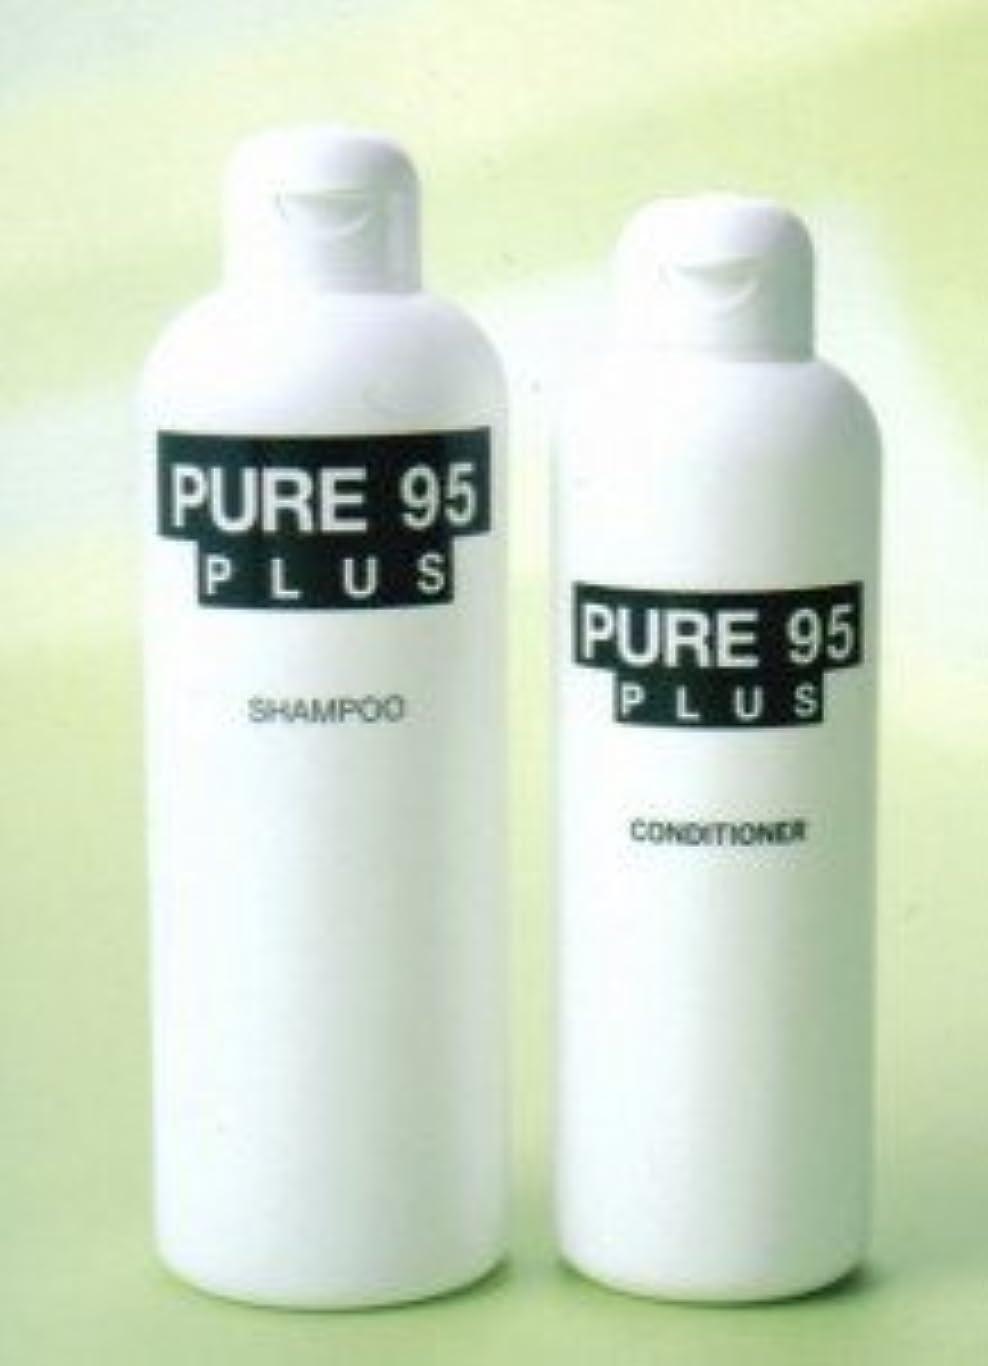 同行ページェントページェントパーミングジャパン PURE95(ピュア95) プラスシャンプー 400ml (草原の香り)